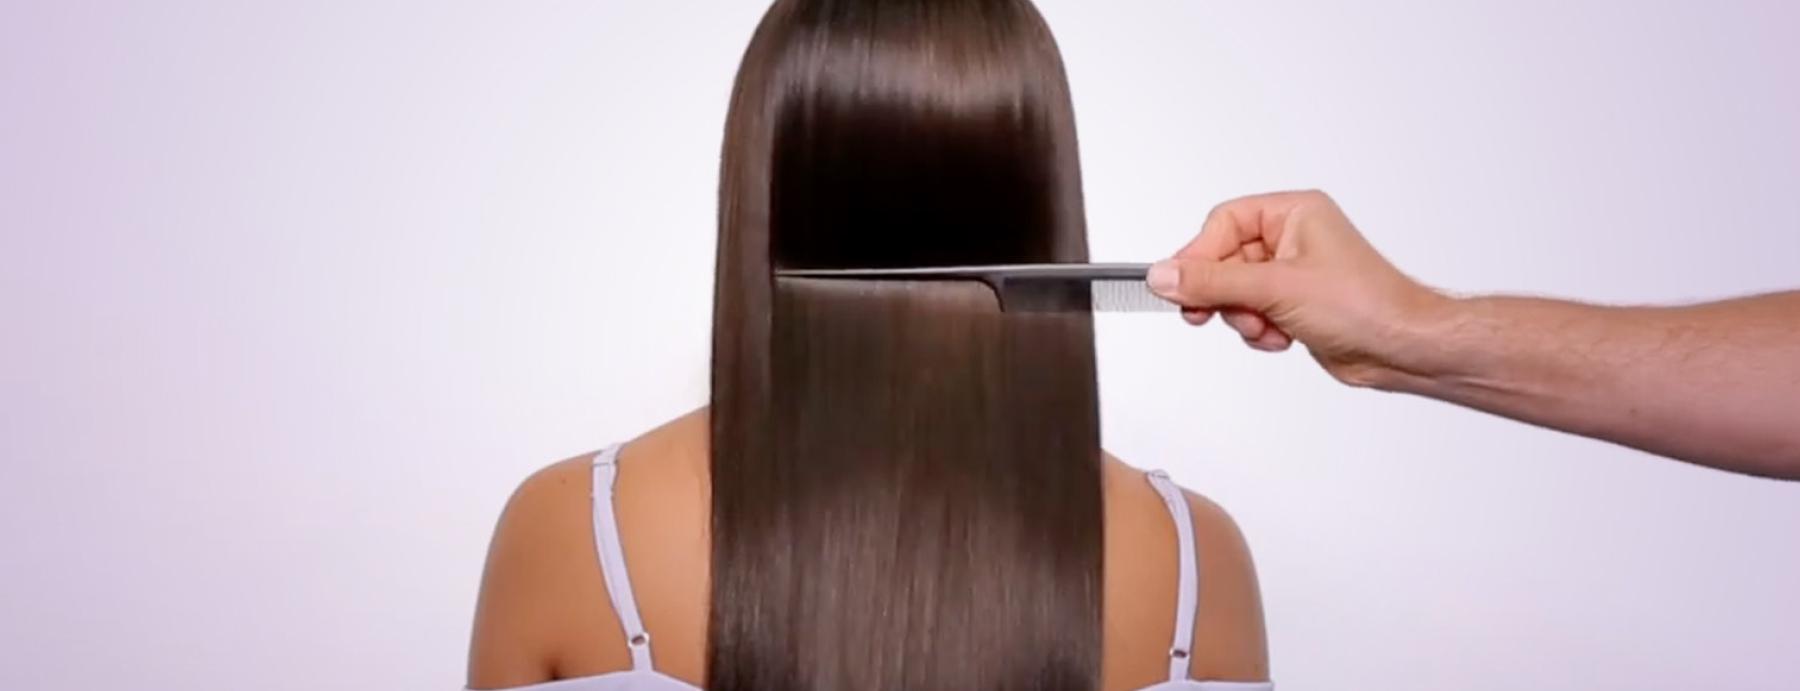 روش های شیمیایی برای صاف کردن مو ها در سریع ترین زمان ممکن